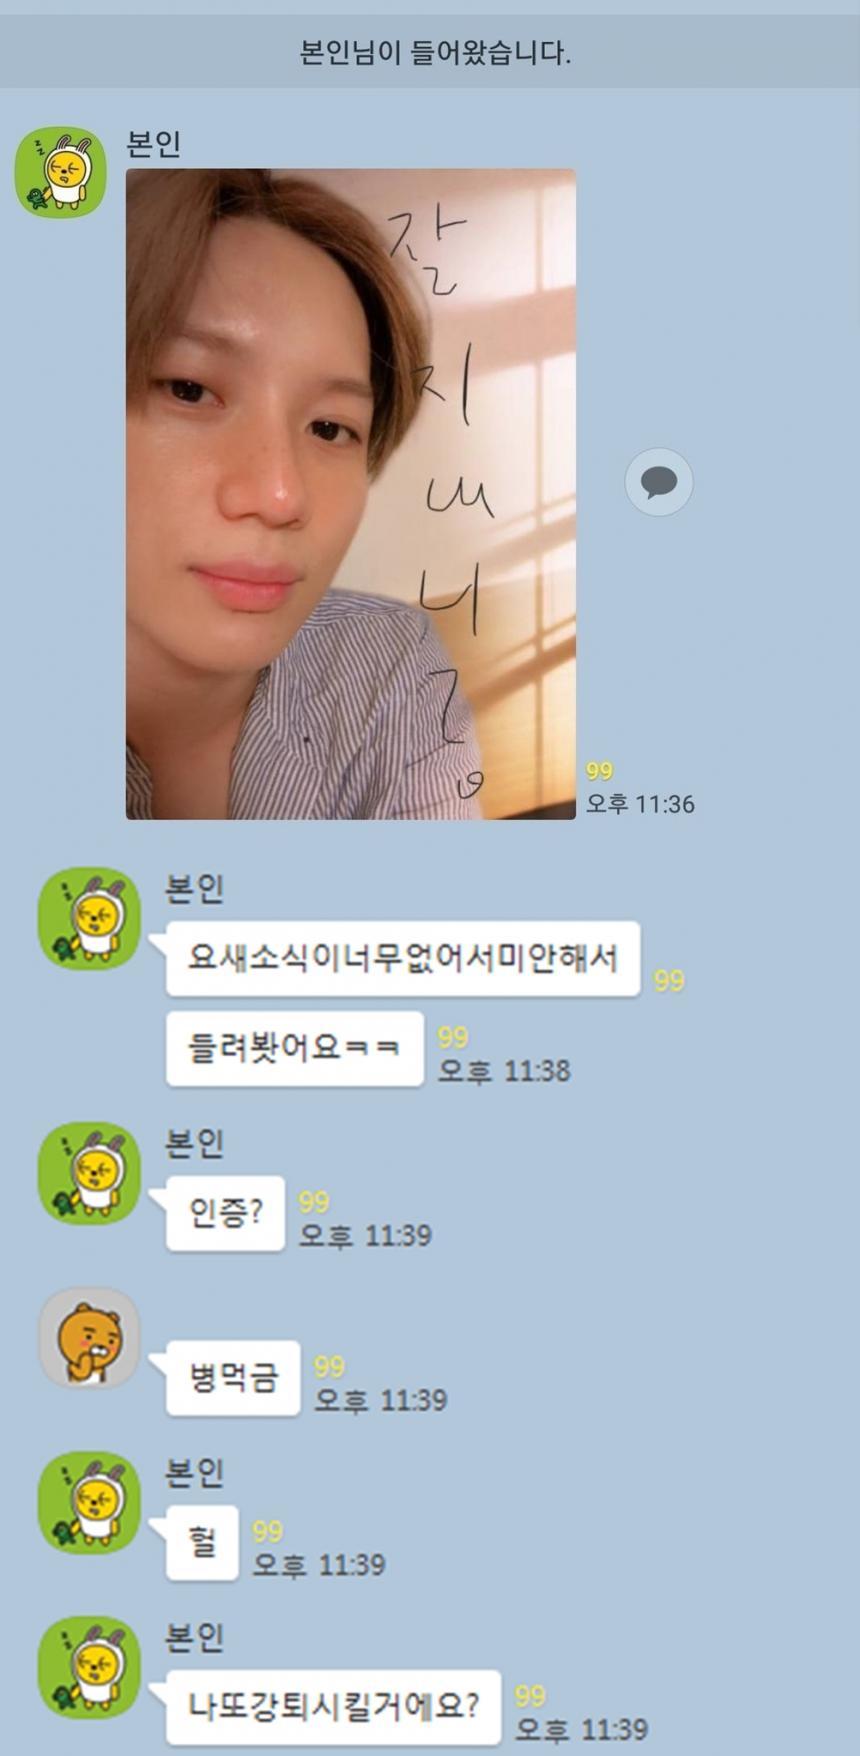 태민 고독방 캡처 / 온라인 커뮤니티